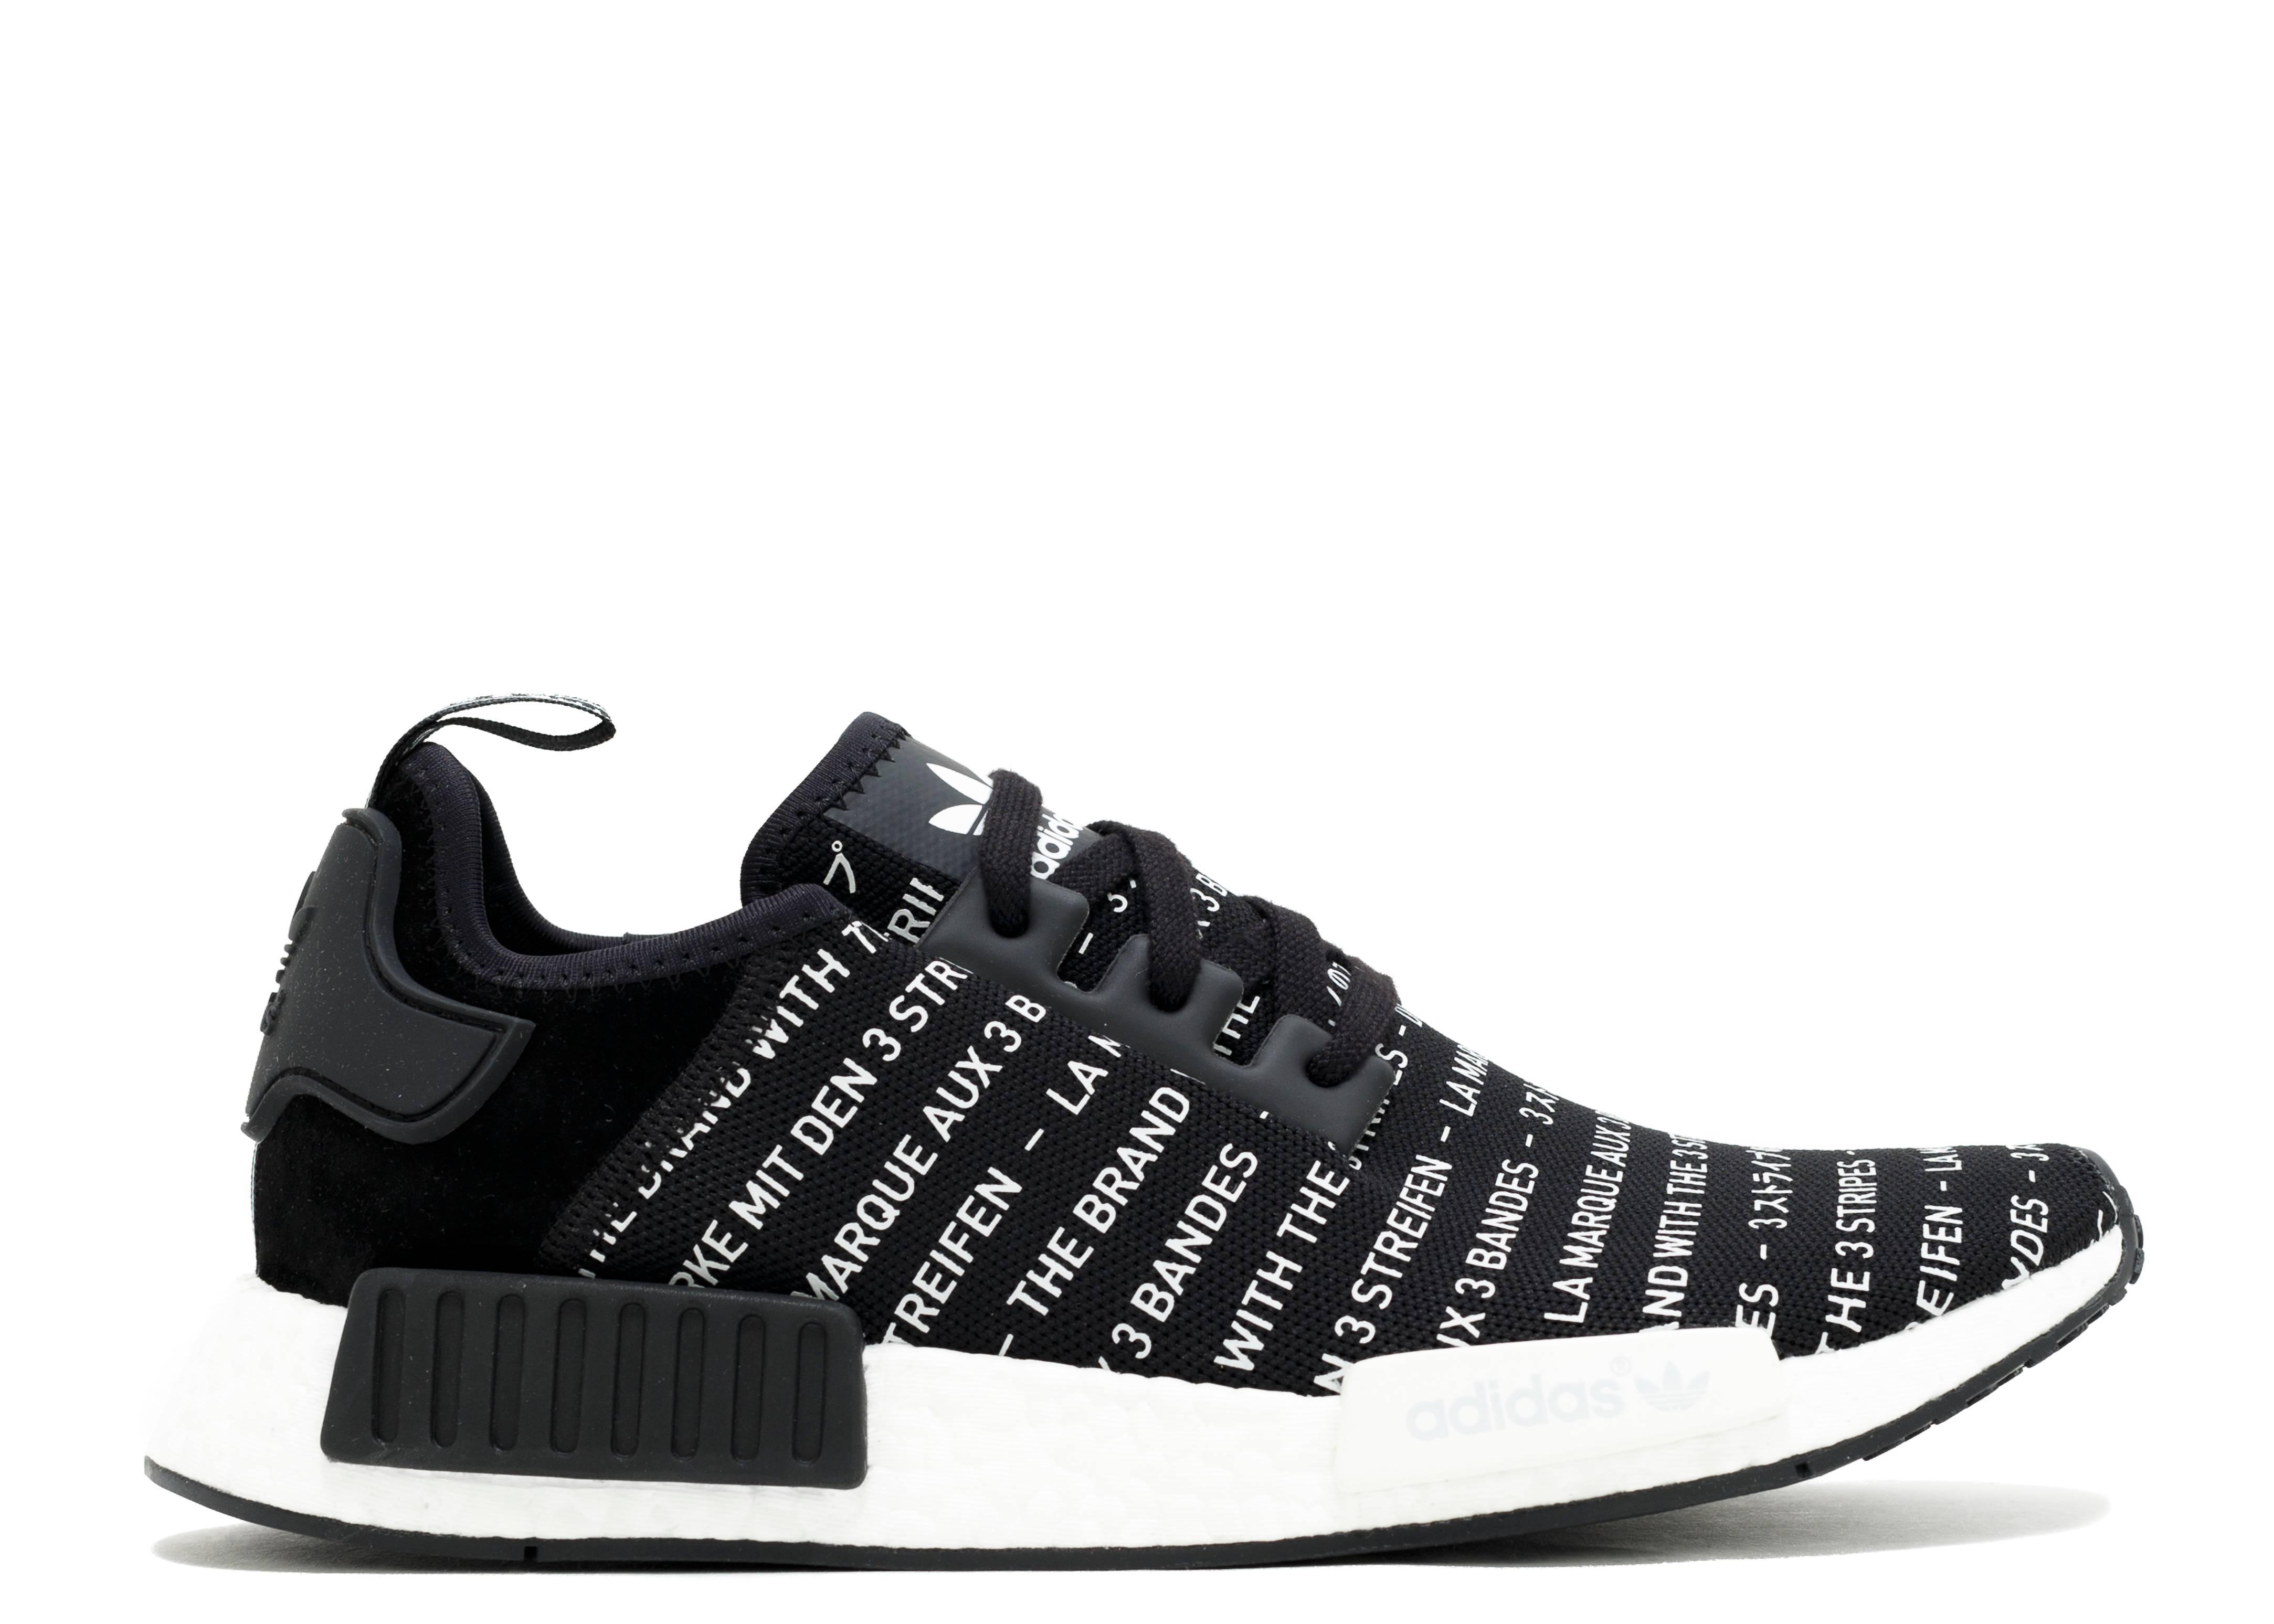 adidas NMD R1 3 Stripes Black